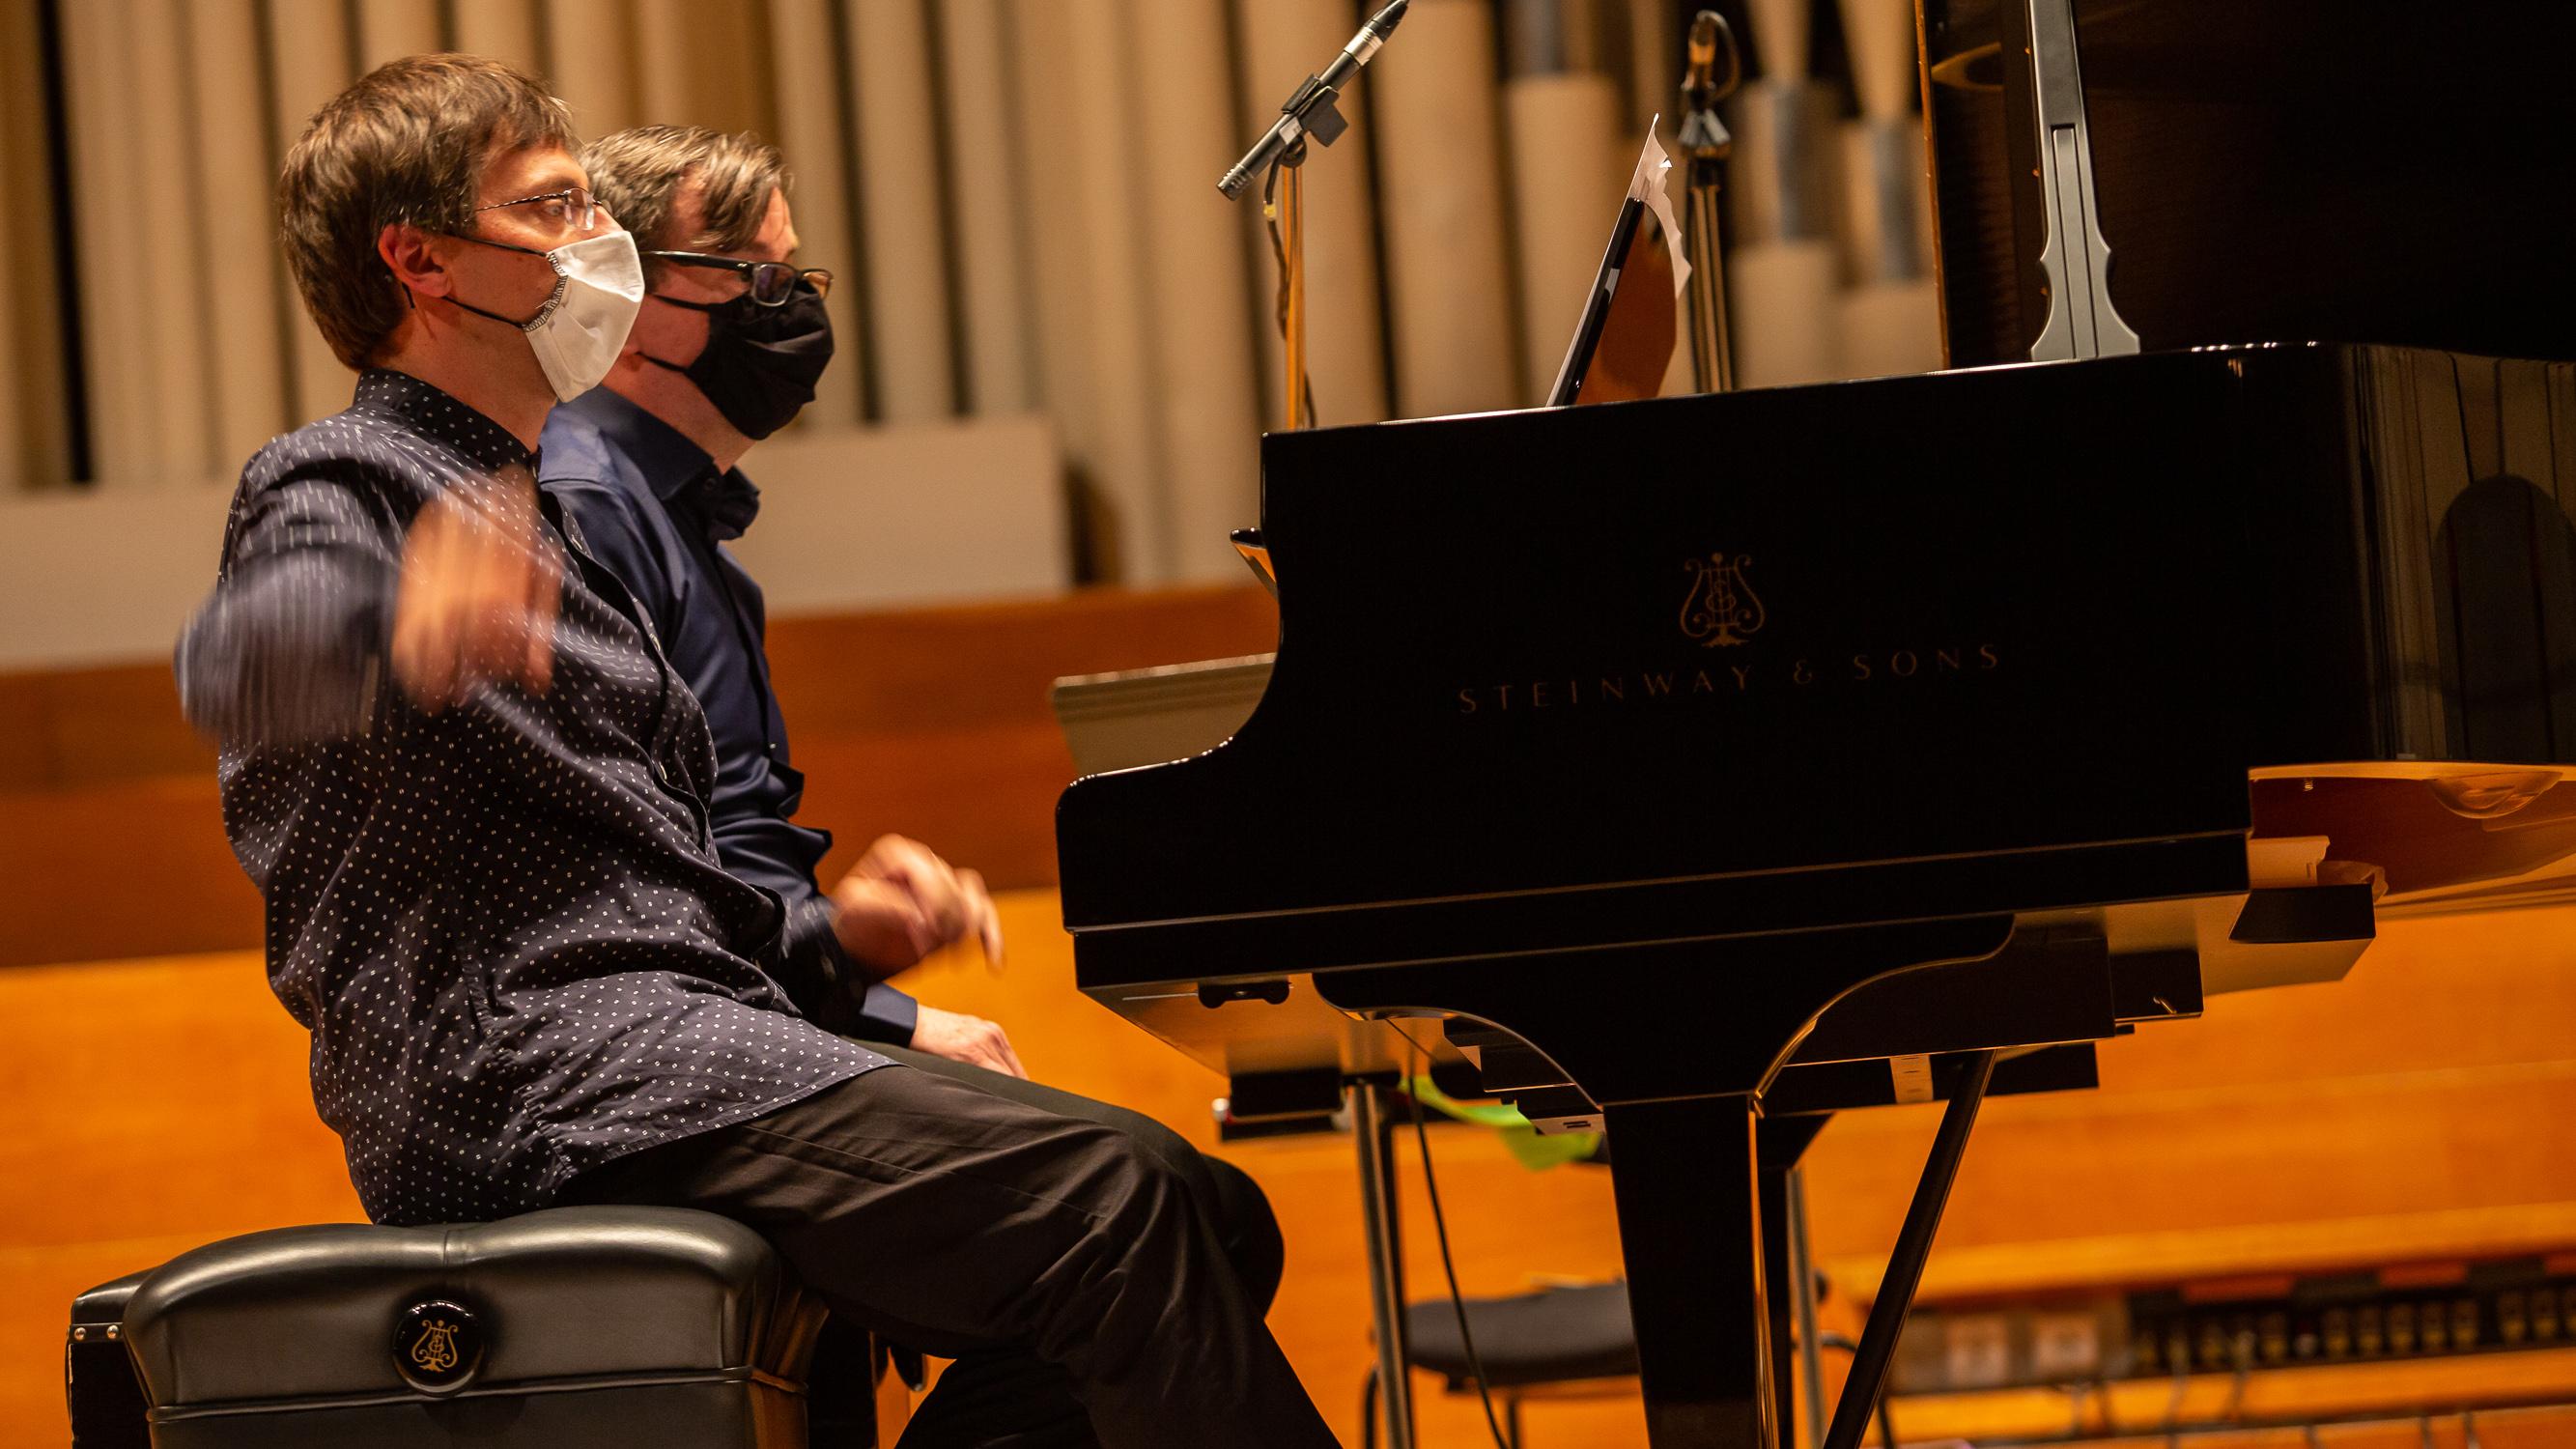 Stretnite sa s hudbou. Šiller a Boroš budú online